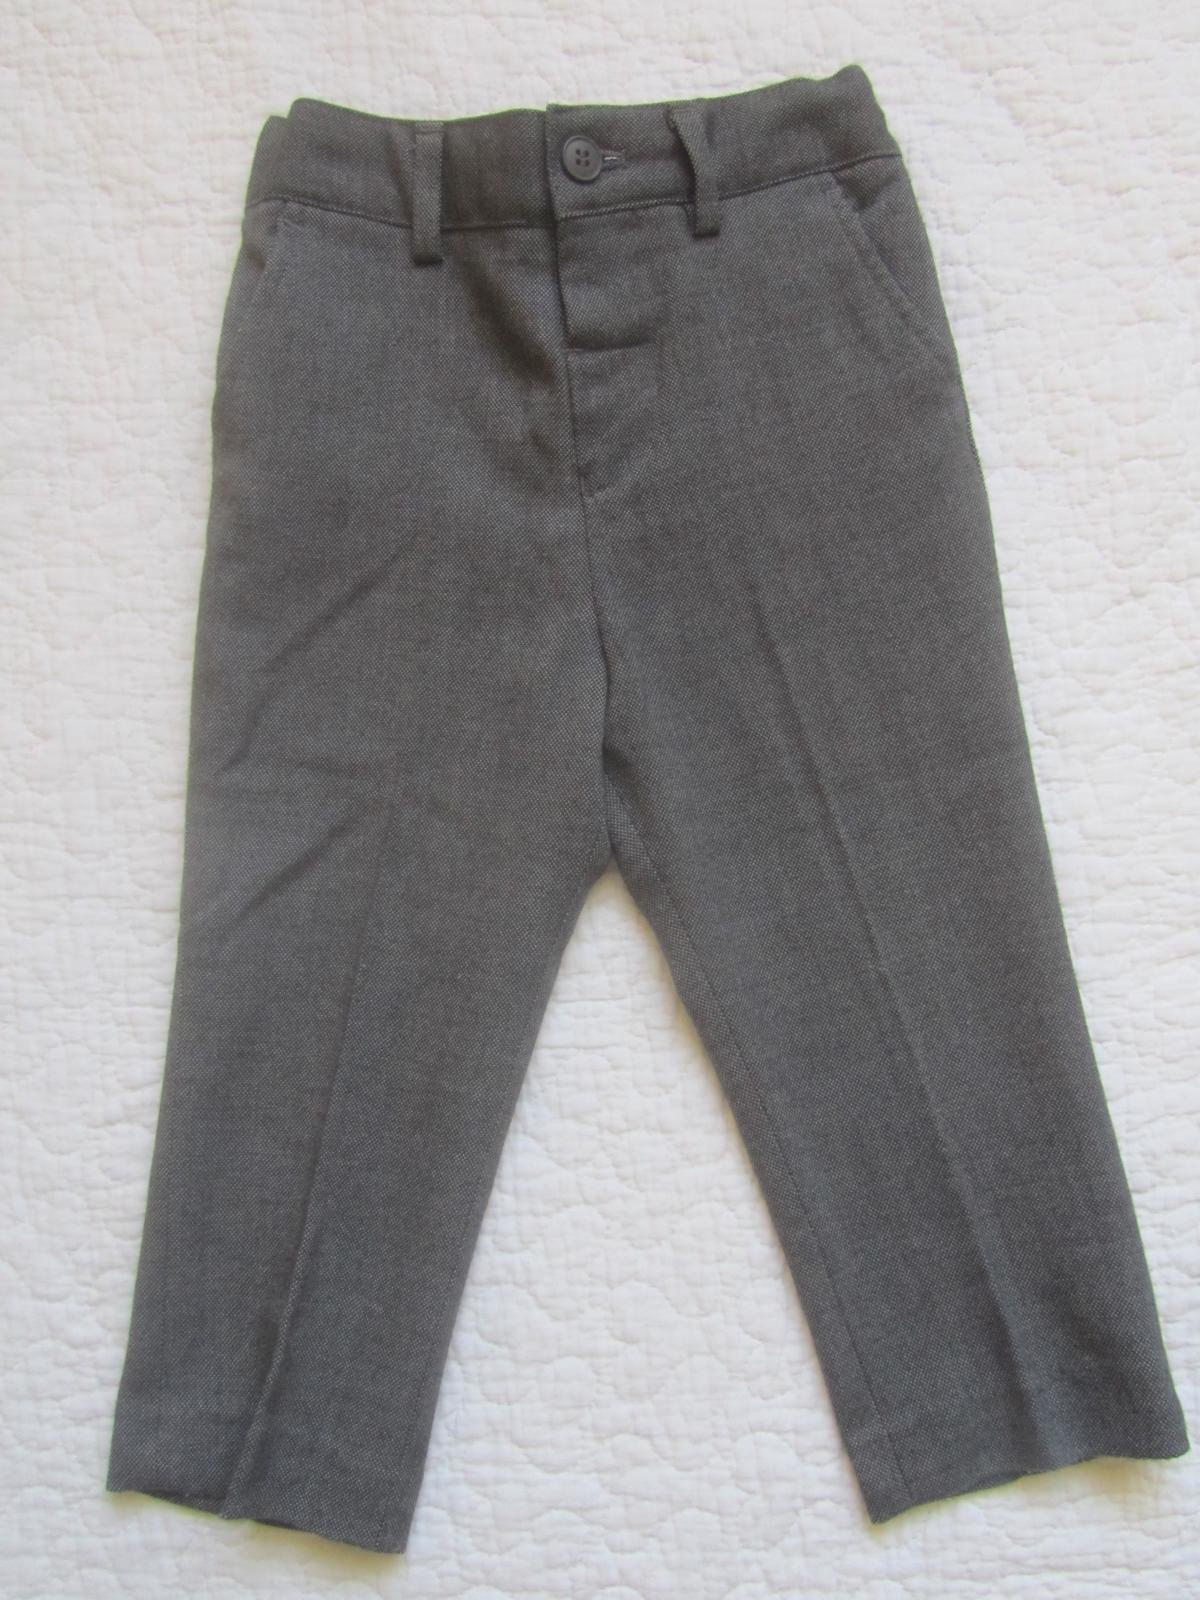 Spolocenske nohavice Next 92 - Obrázok č. 1